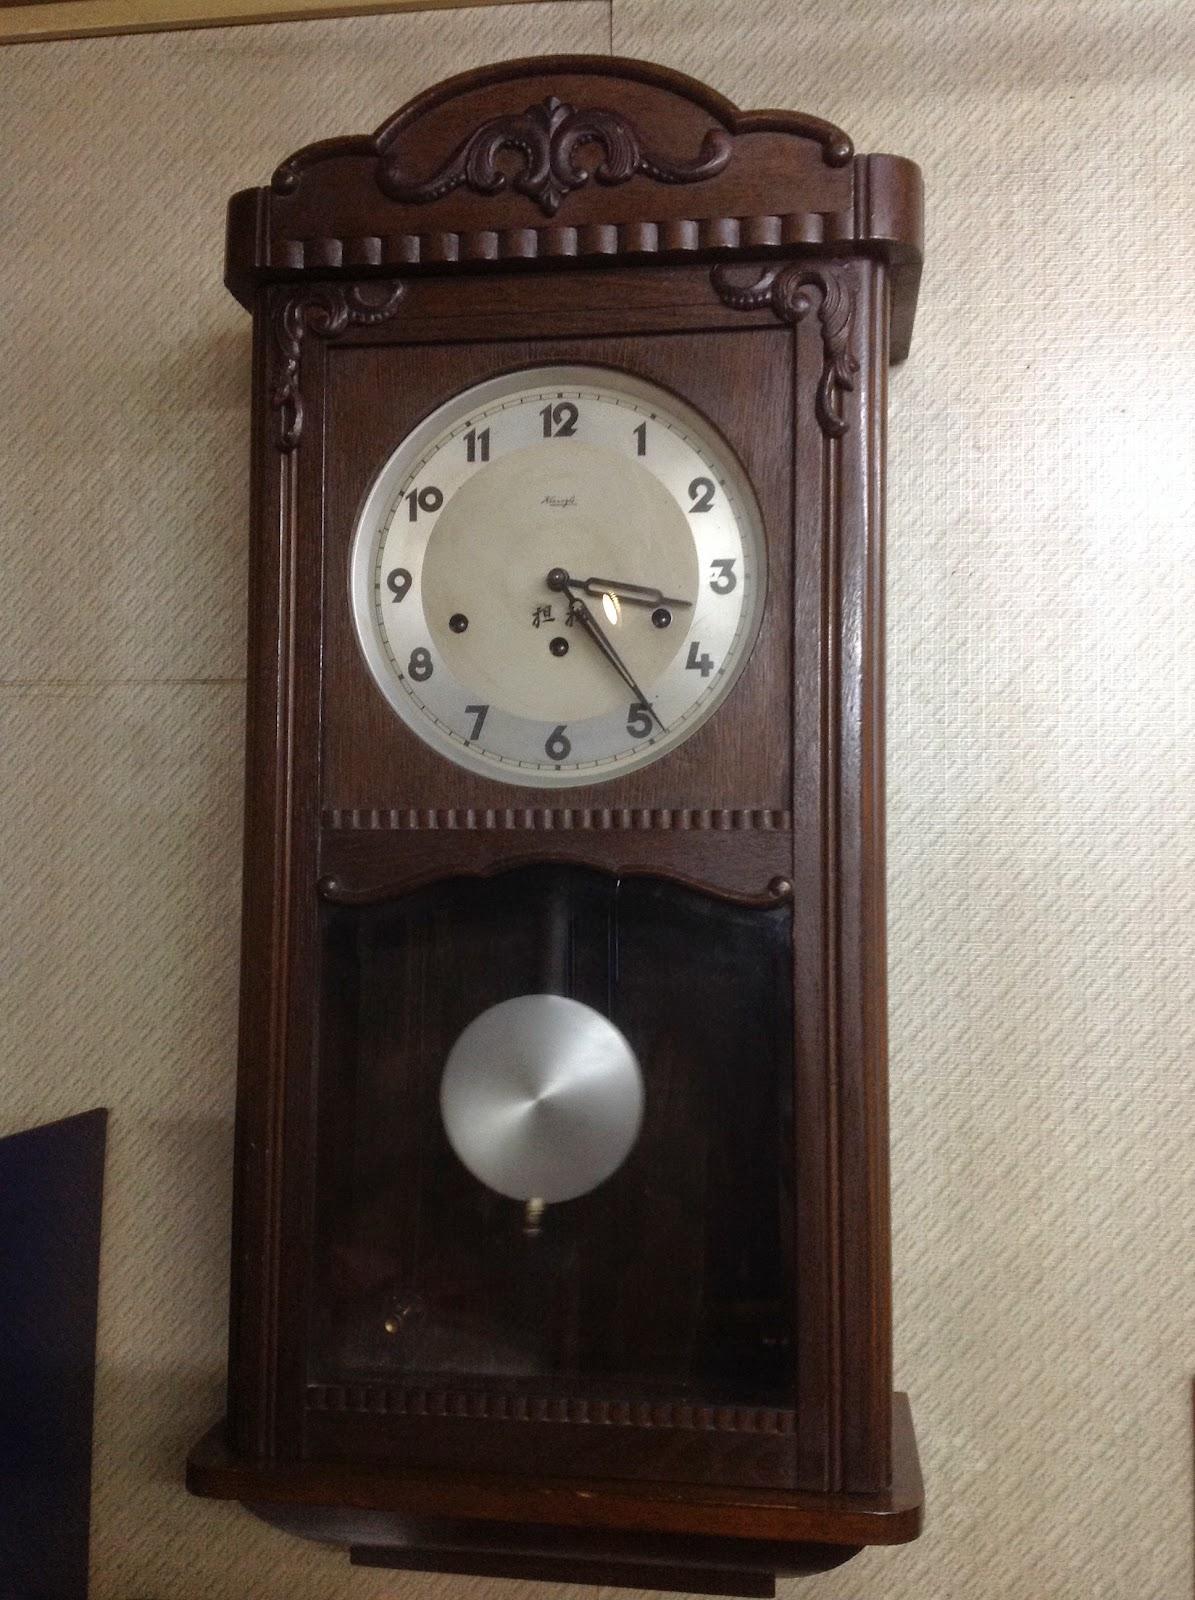 Clock repair in kuala lumpur for Kienzle wall clock parts